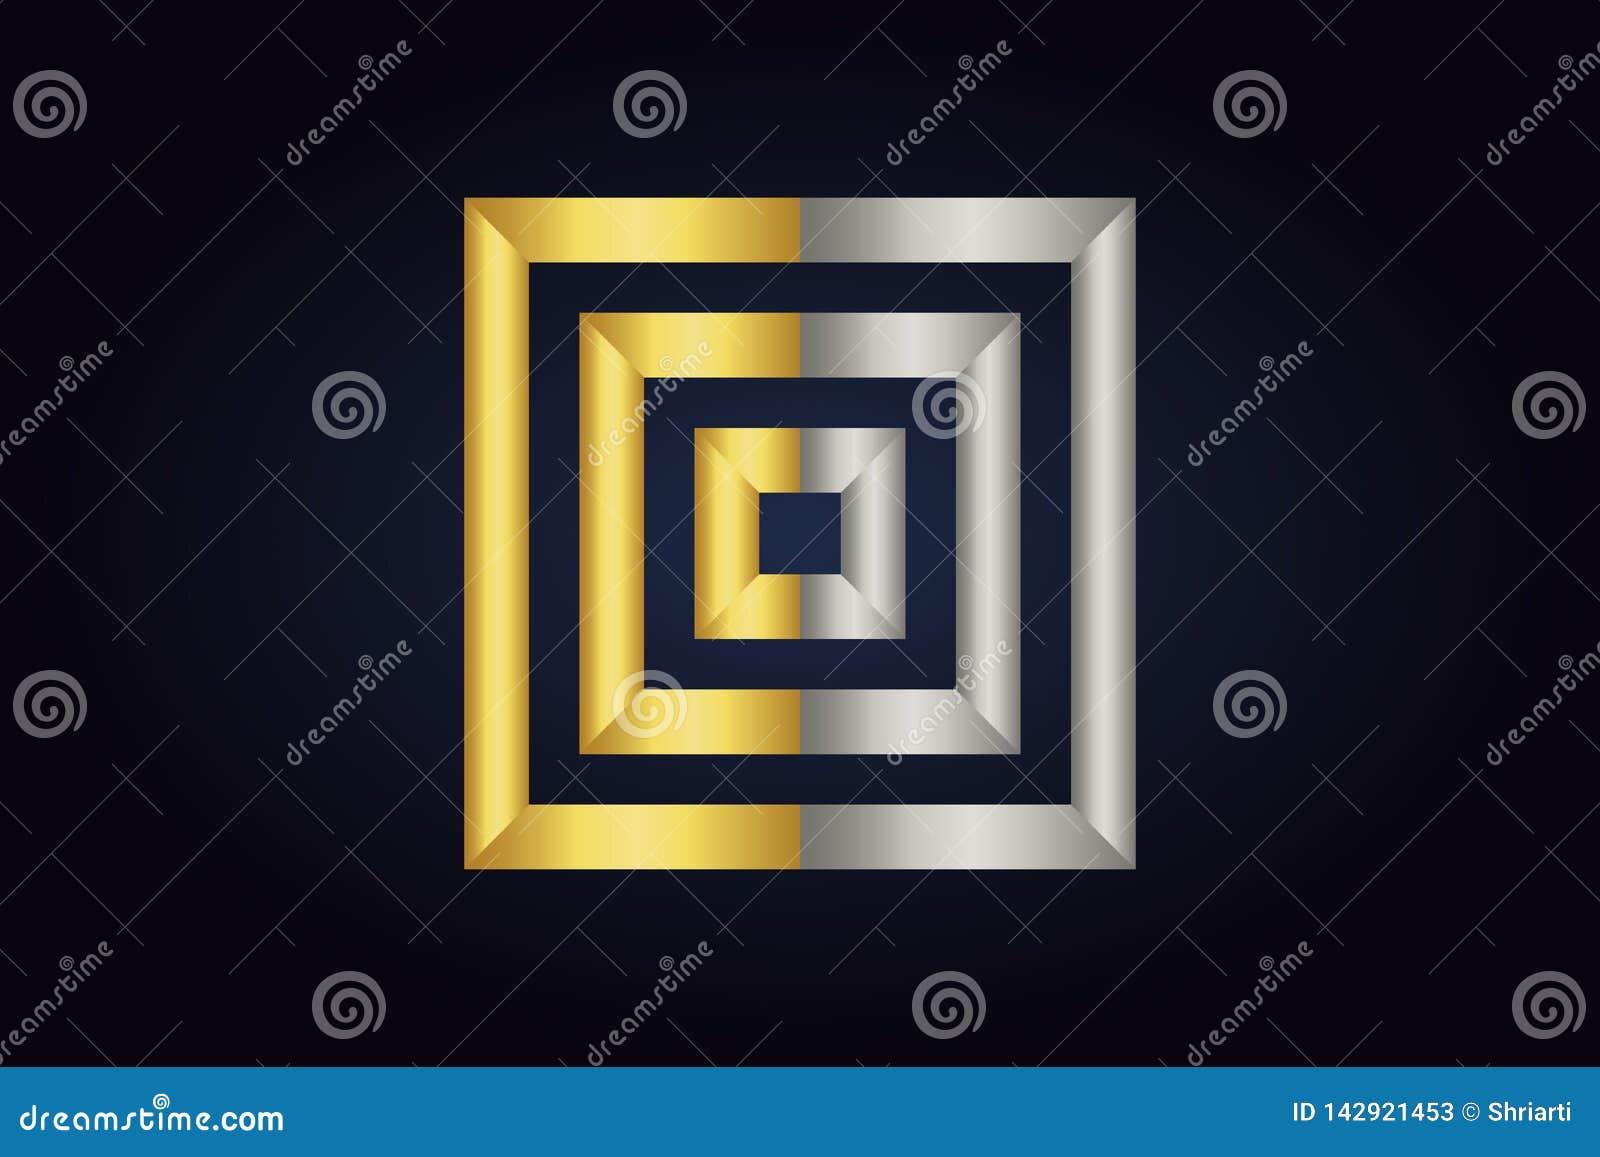 Tres cuadrados dentro de uno a Cuadrados en plata y colores oro